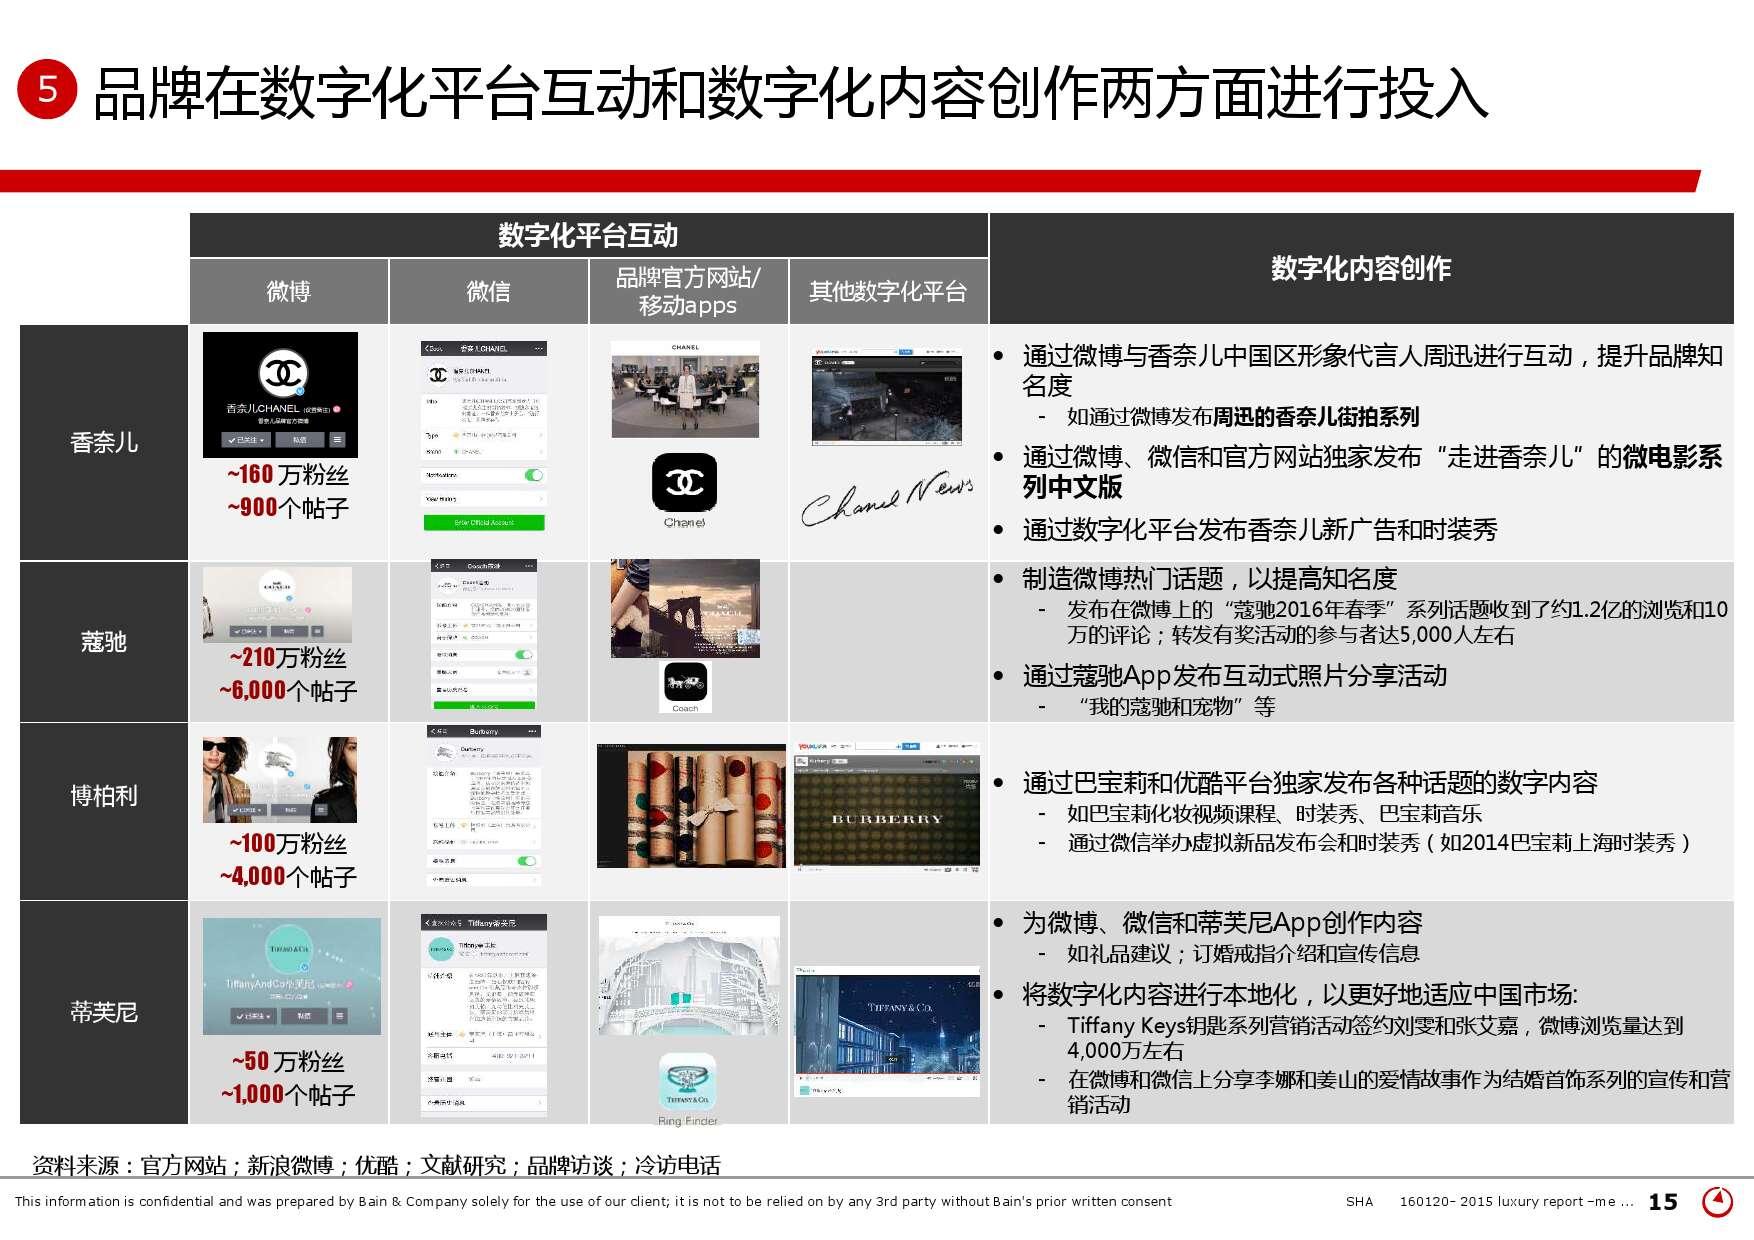 2015年中国奢侈品市场研究报告_000015